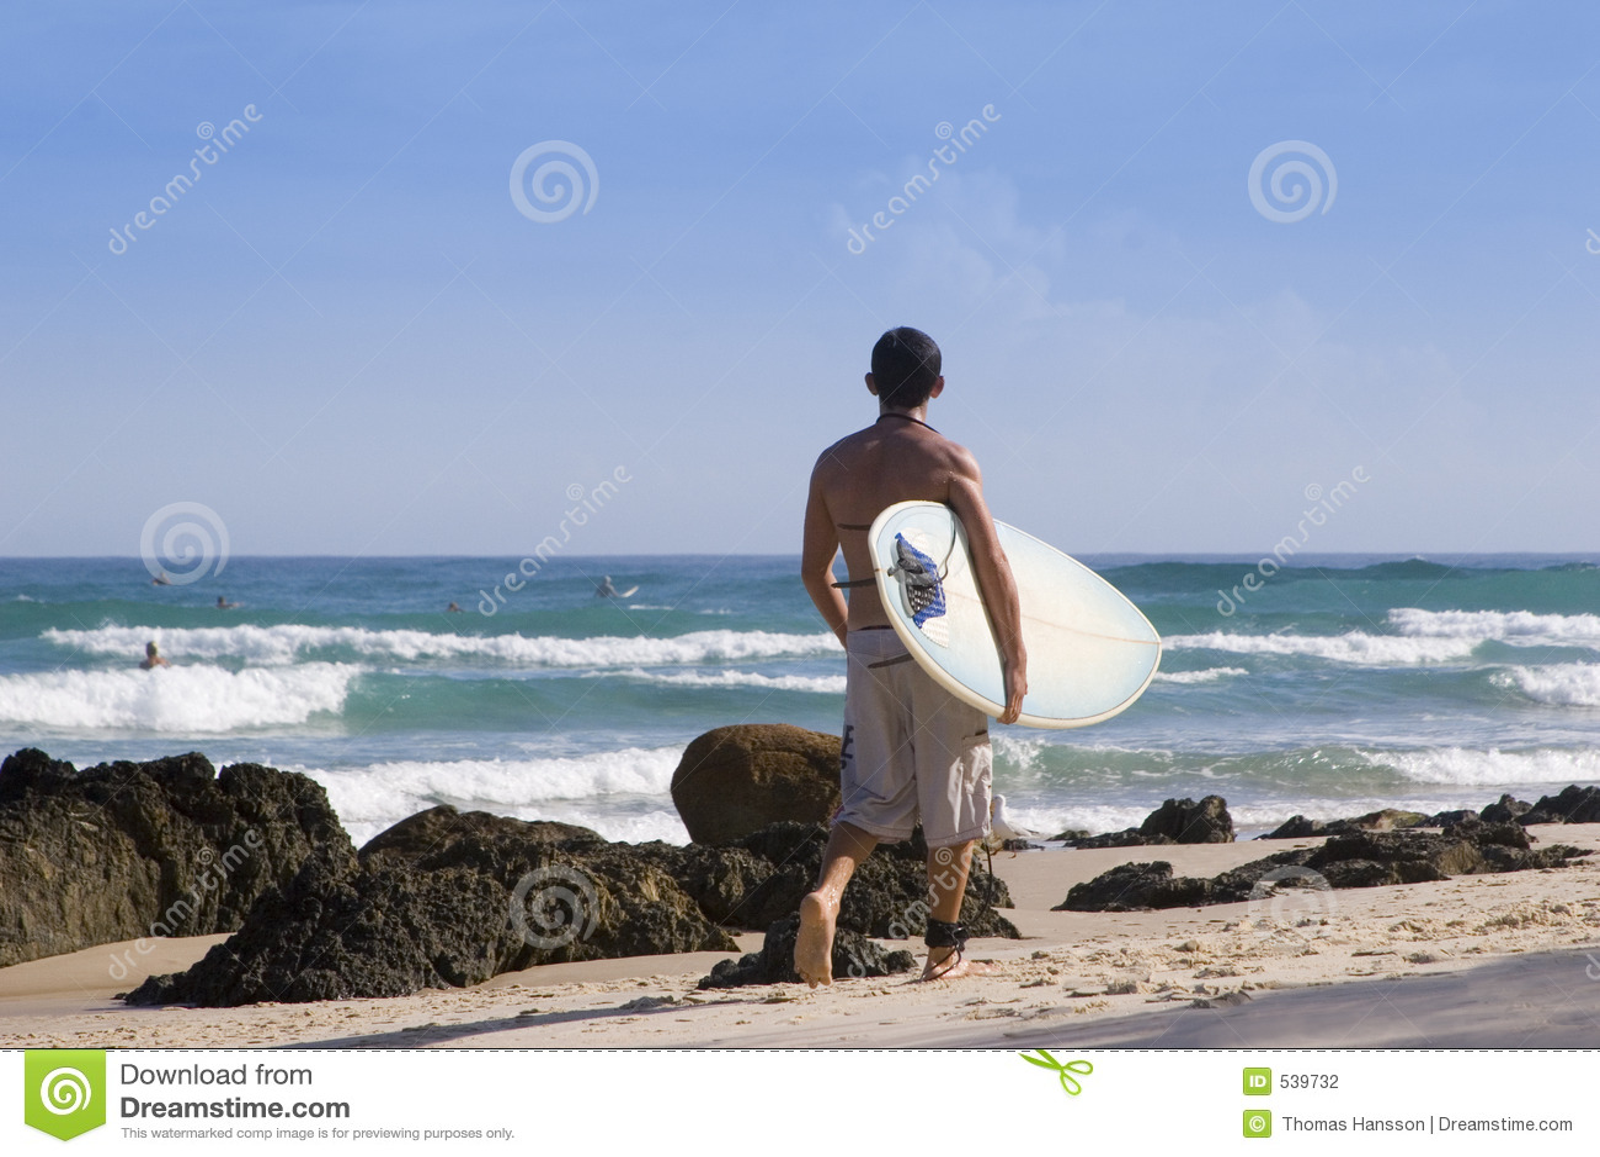 Download 2澳洲冲浪者 库存照片. 图片 包括有 环境, 沙子, 精神, 裂口, 小珠靠岸的, 自由, 天空, 澳洲, 轻松 - 539732